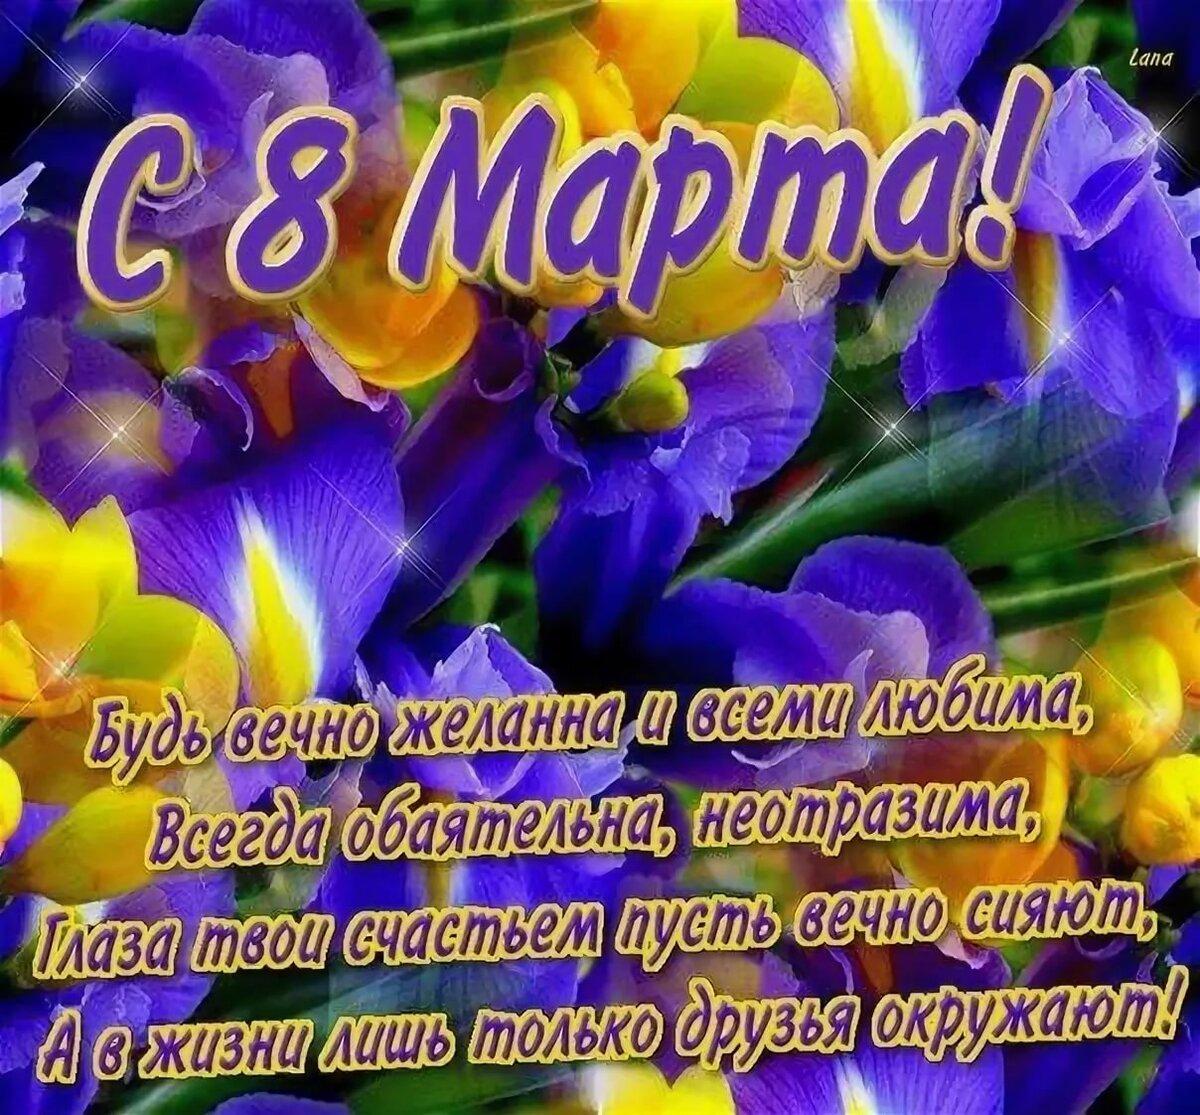 молодые стихи для евгении с 8 марта среднего пошиба небольшой